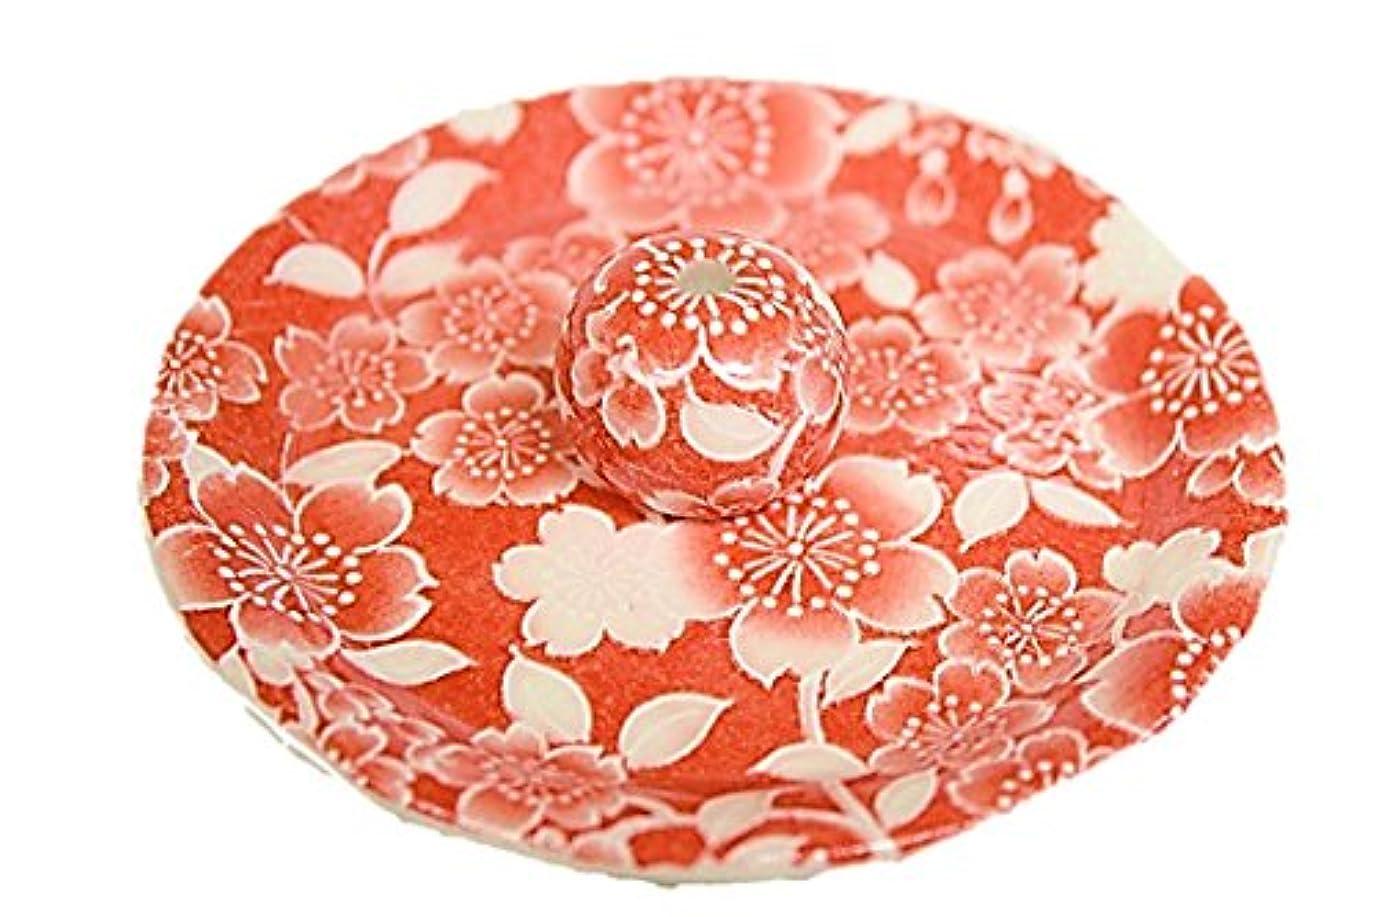 関与する遡る偽装する9-27 桜友禅 赤 9cm香皿 お香立て お香たて 陶器 日本製 製造 直売